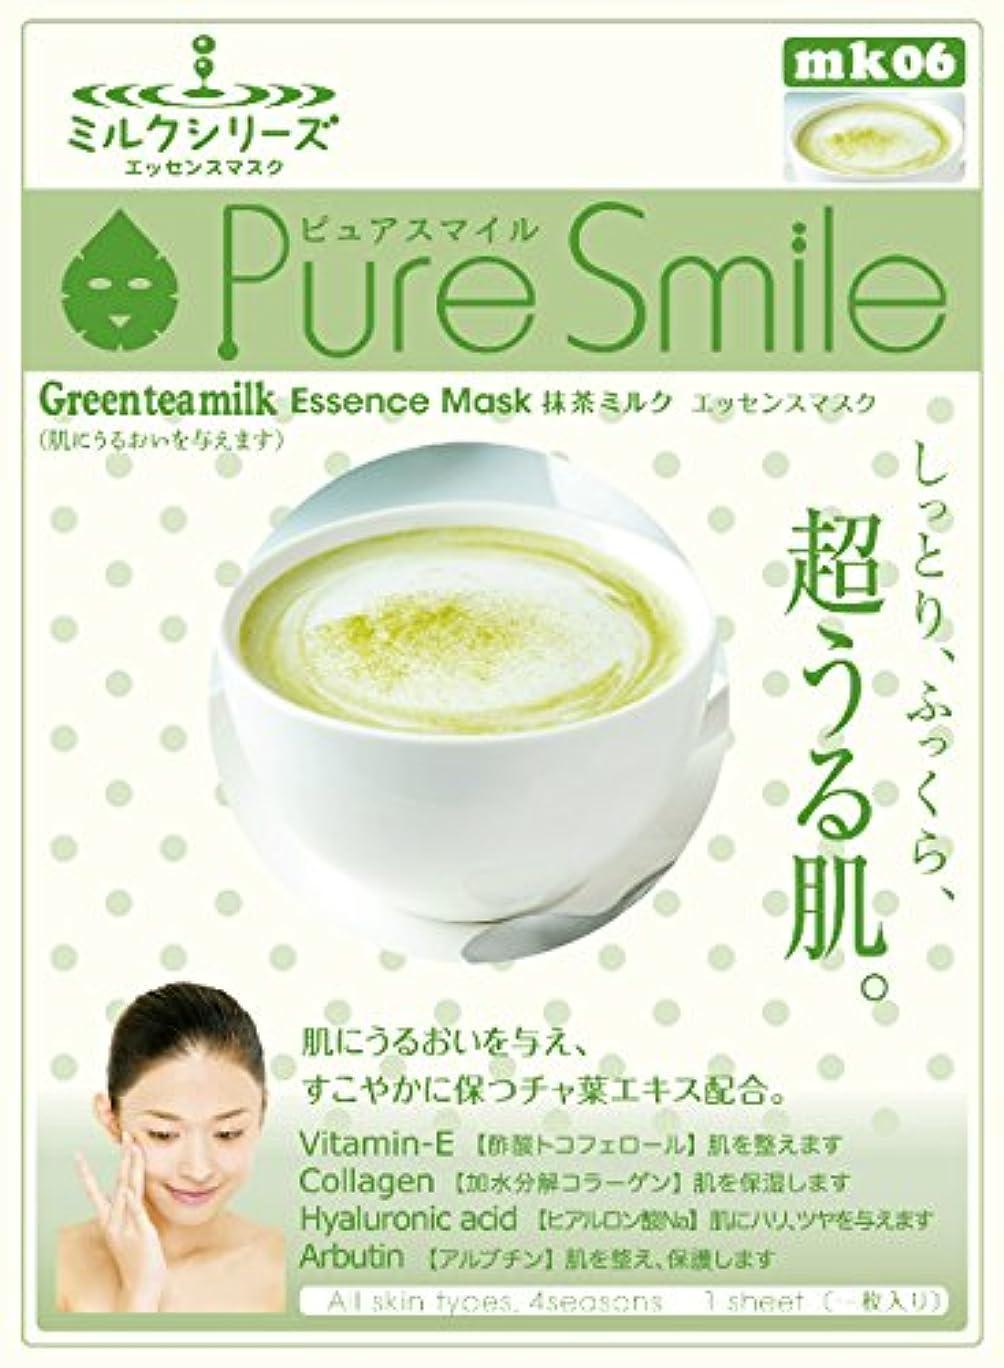 オーケストラ入り口クッションPure Smile エッセンスマスク 抹茶ミルク 23ml?30枚